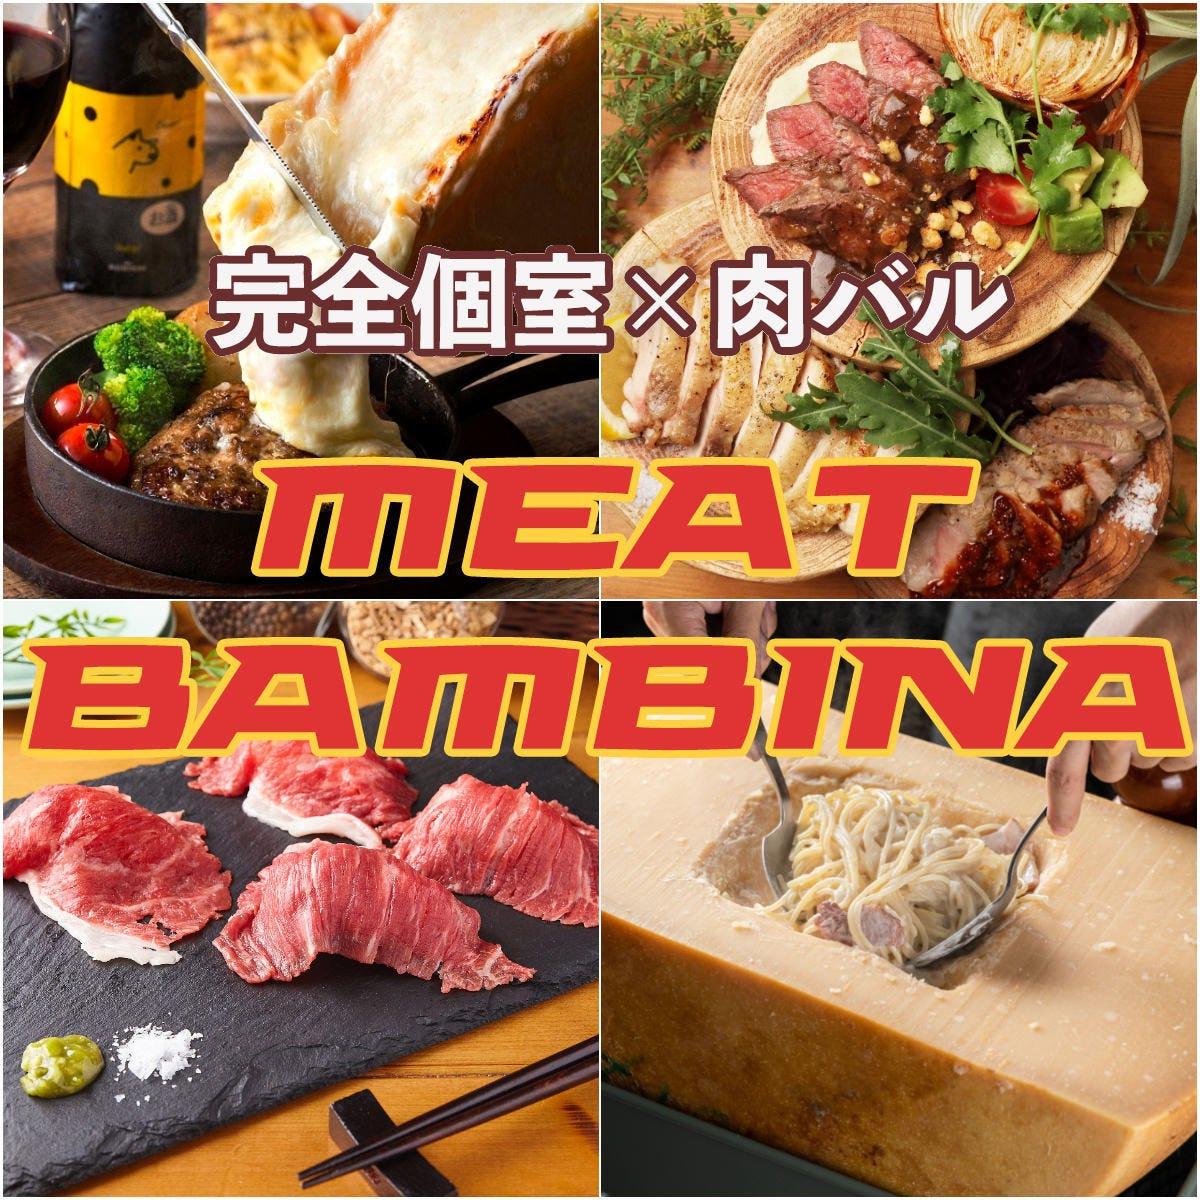 お肉とチーズの個室バル ミートバンビーナ 池袋東口店